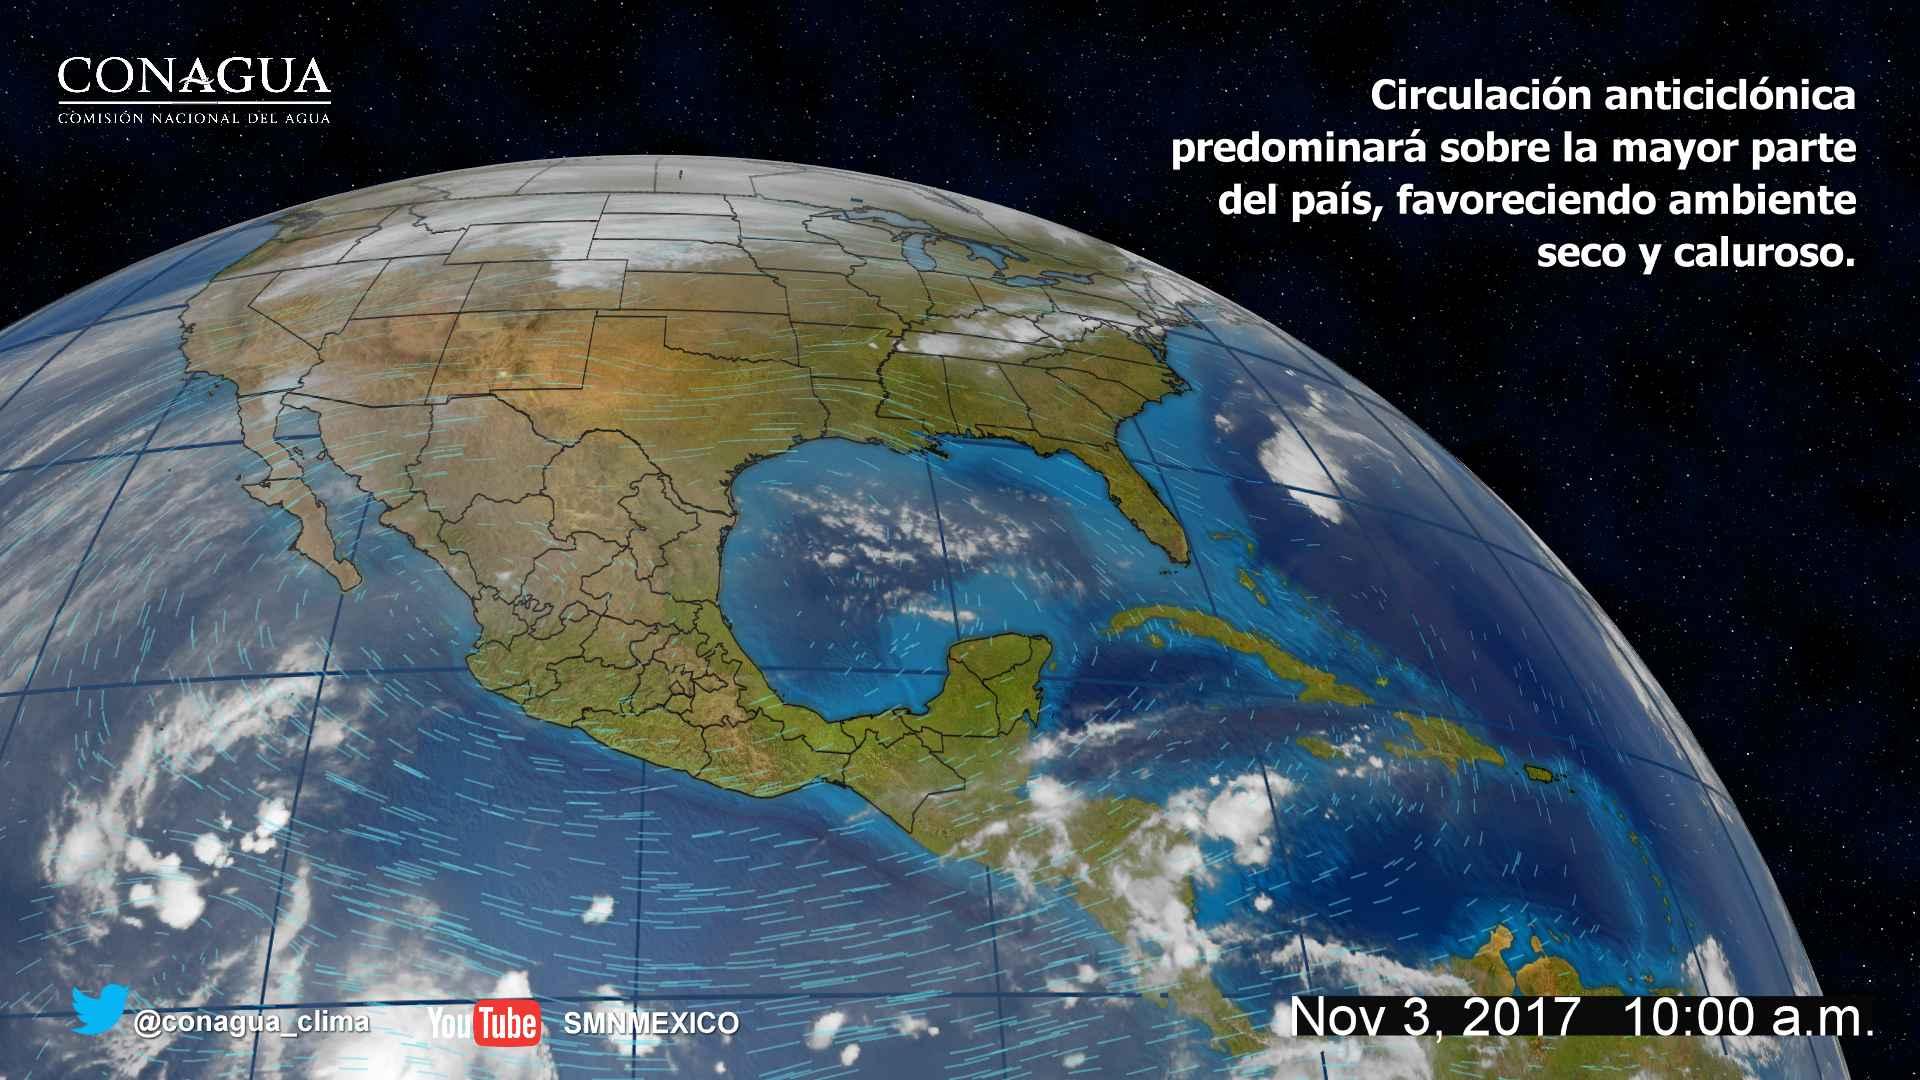 Se prevé ambiente cálido durante el día para Tlaxcala